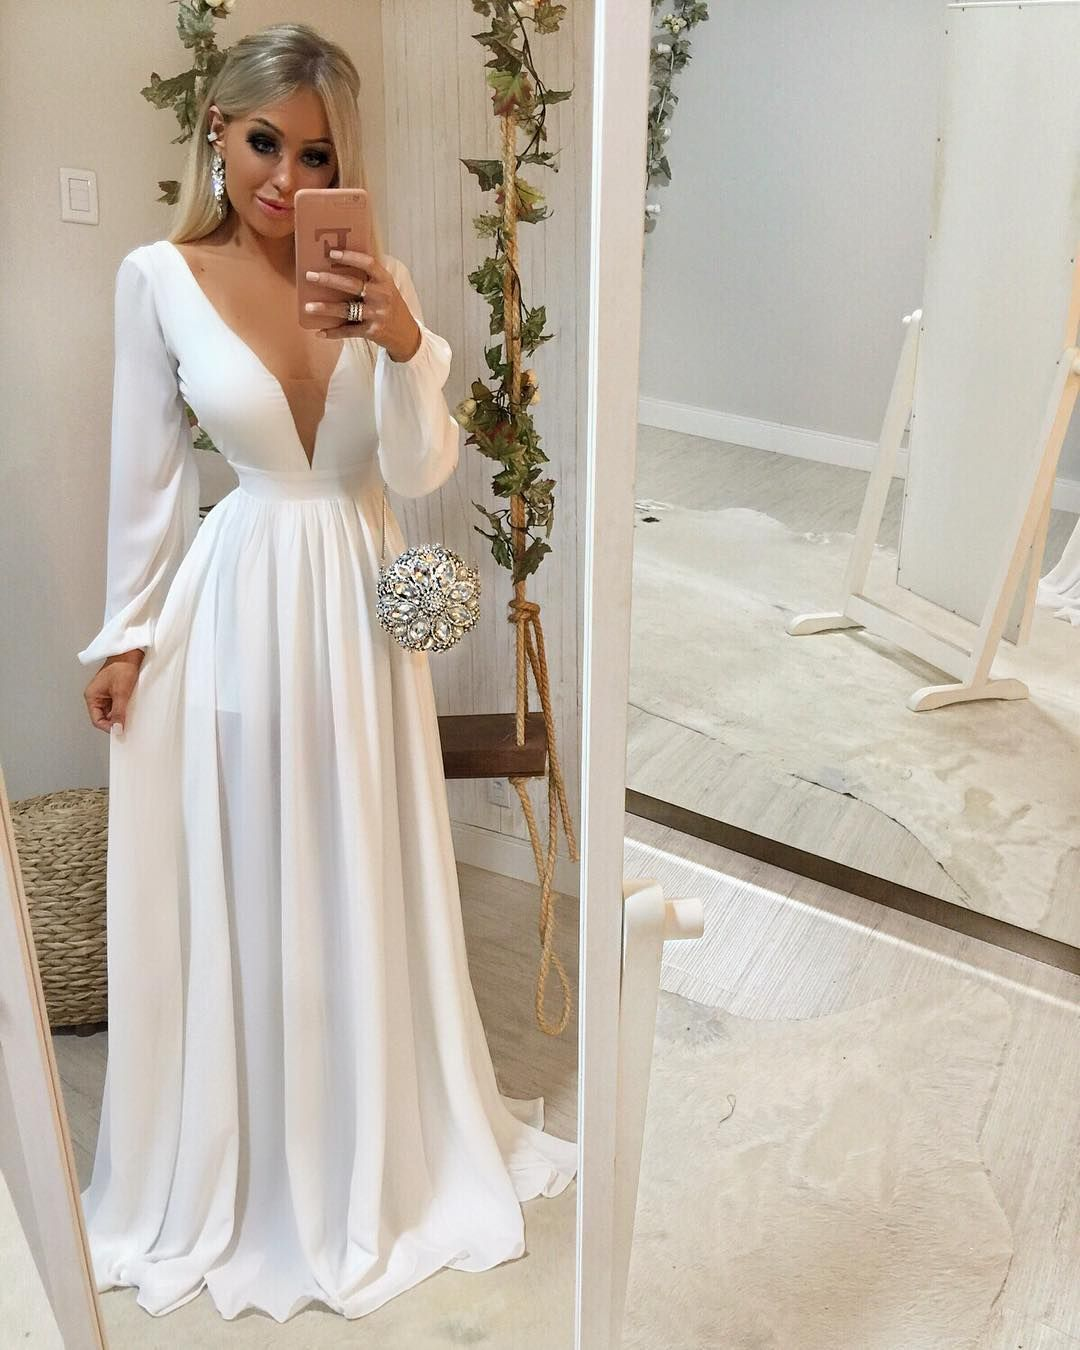 13214fbdb Eu sou APAIXONADA por esse modelo de vestido 😍😍😍 Manga longa e todo  fluido ✨✨ Elegante demais!! 😱 Esse branco está simplesmente INCRÍVEL 🌟…